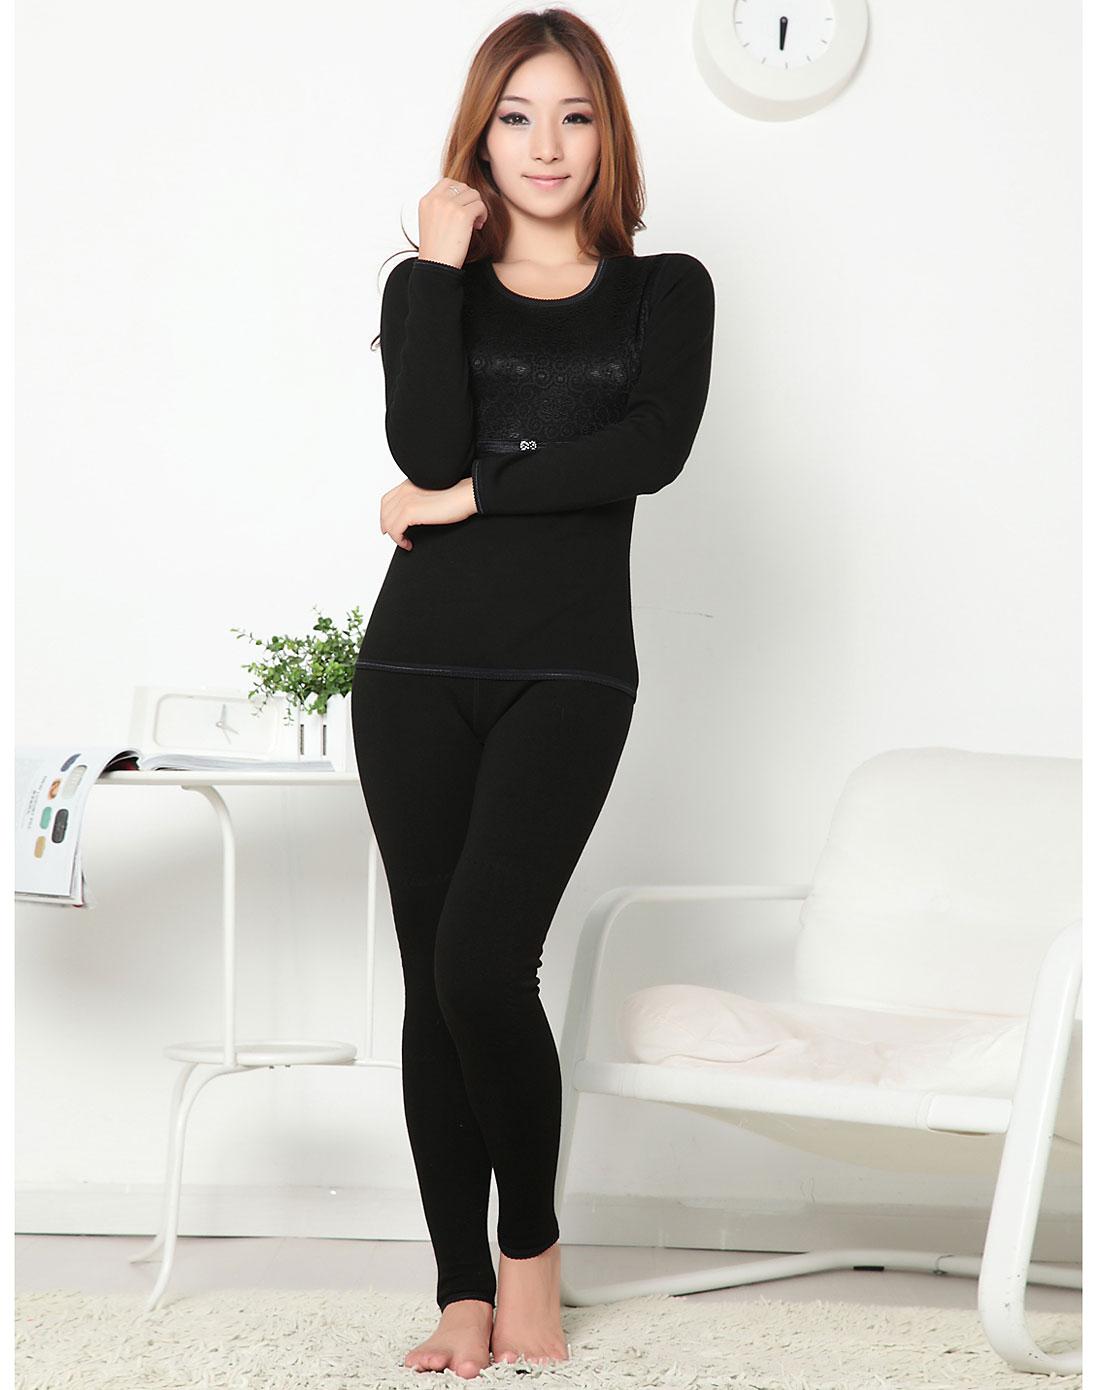 时尚彩蚕丝衣tc210519